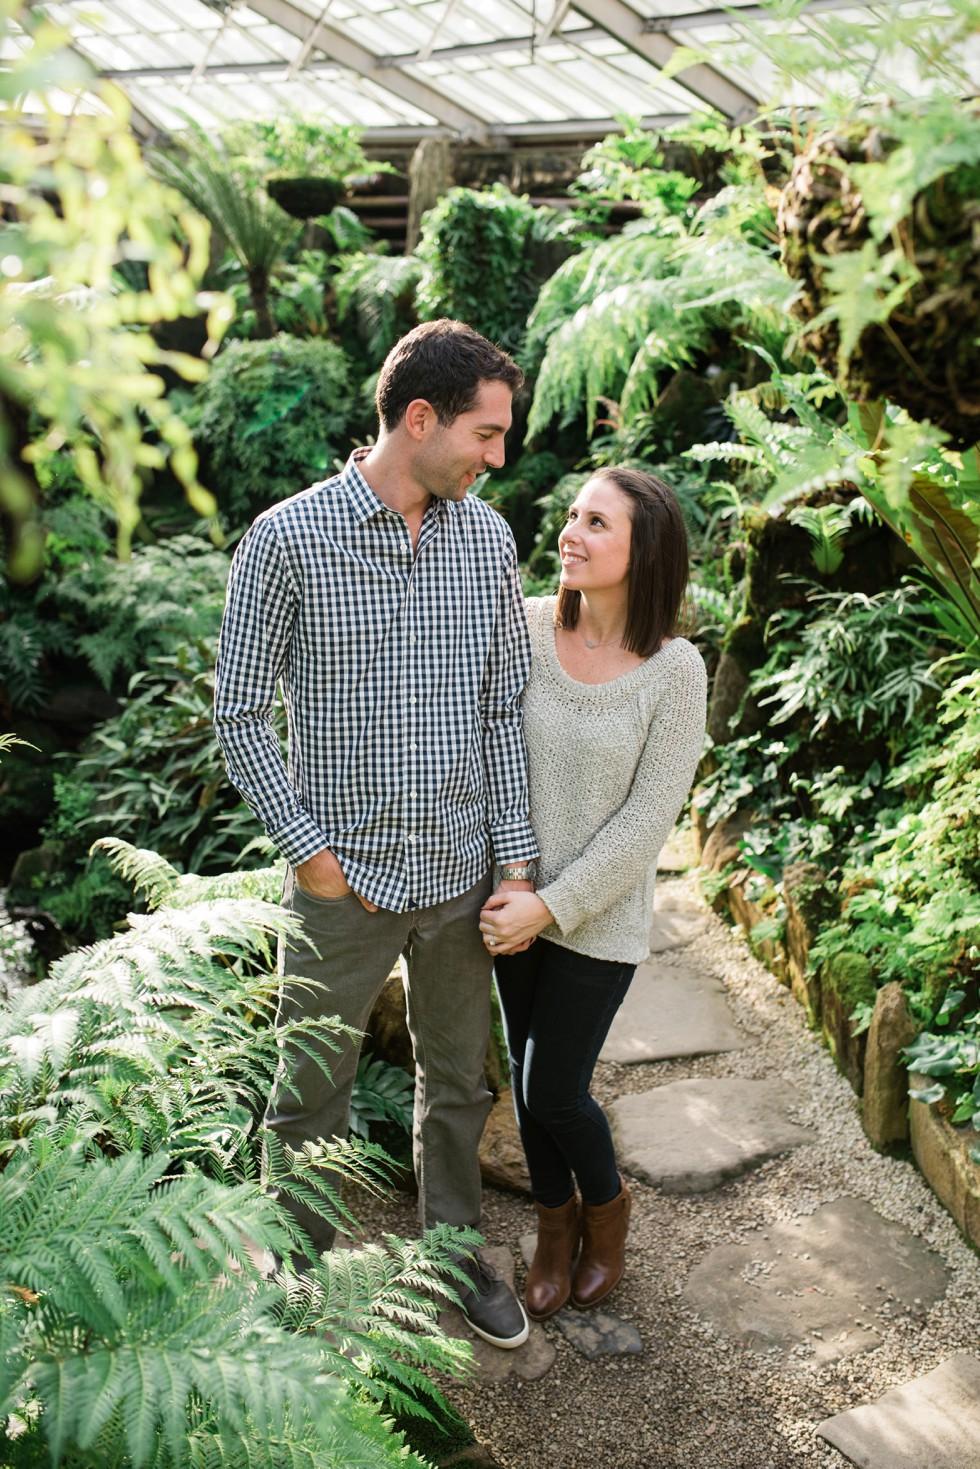 engagement photos in Greenhouse at Morris Arboretum